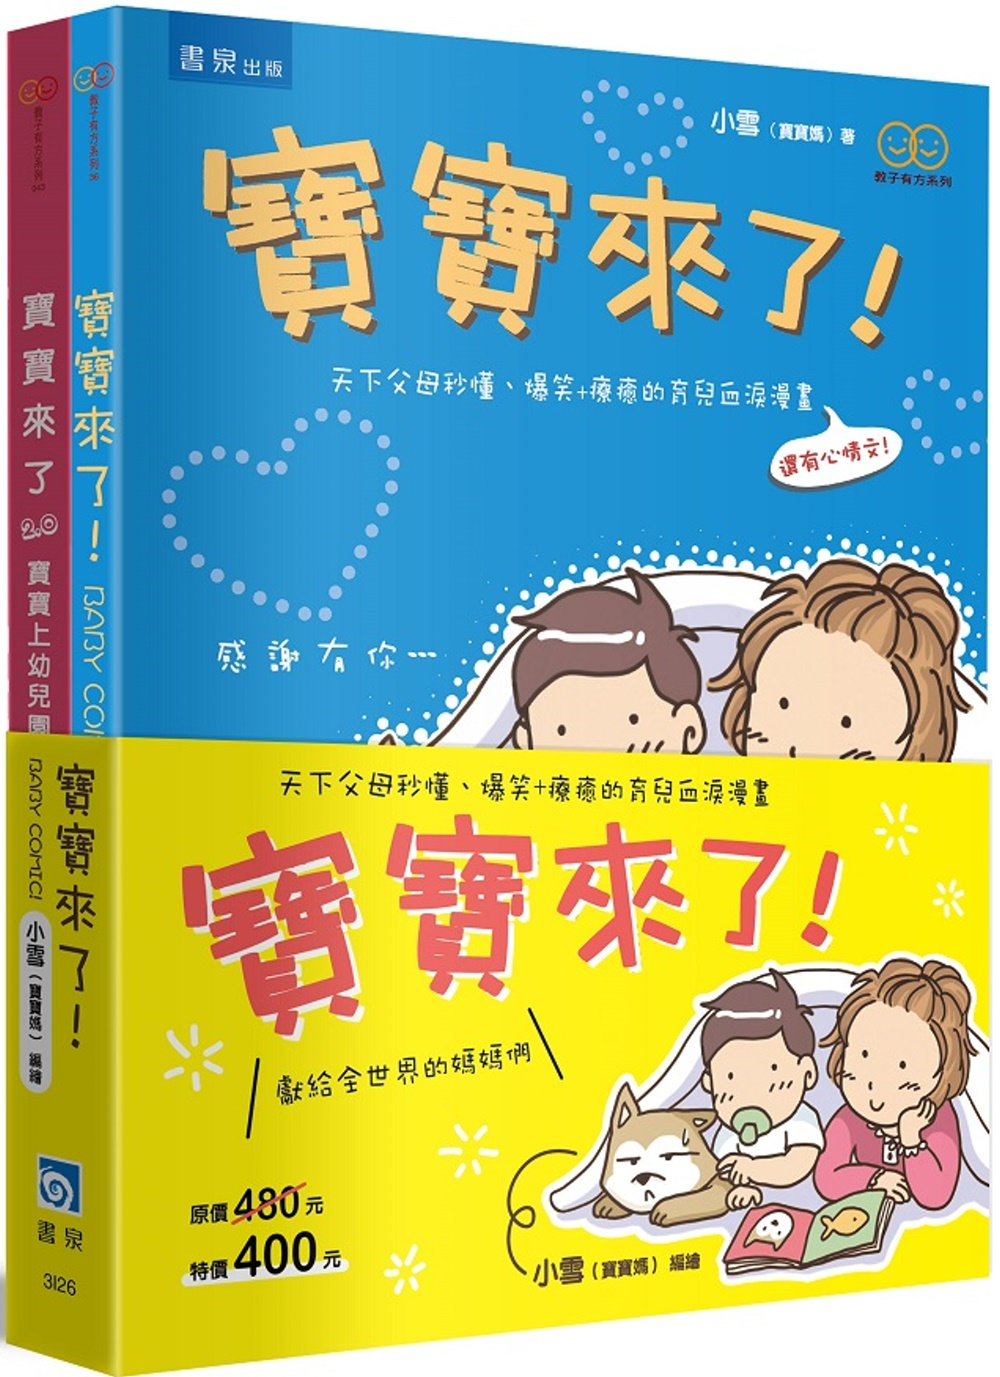 寶寶來了系列套書(共2冊)